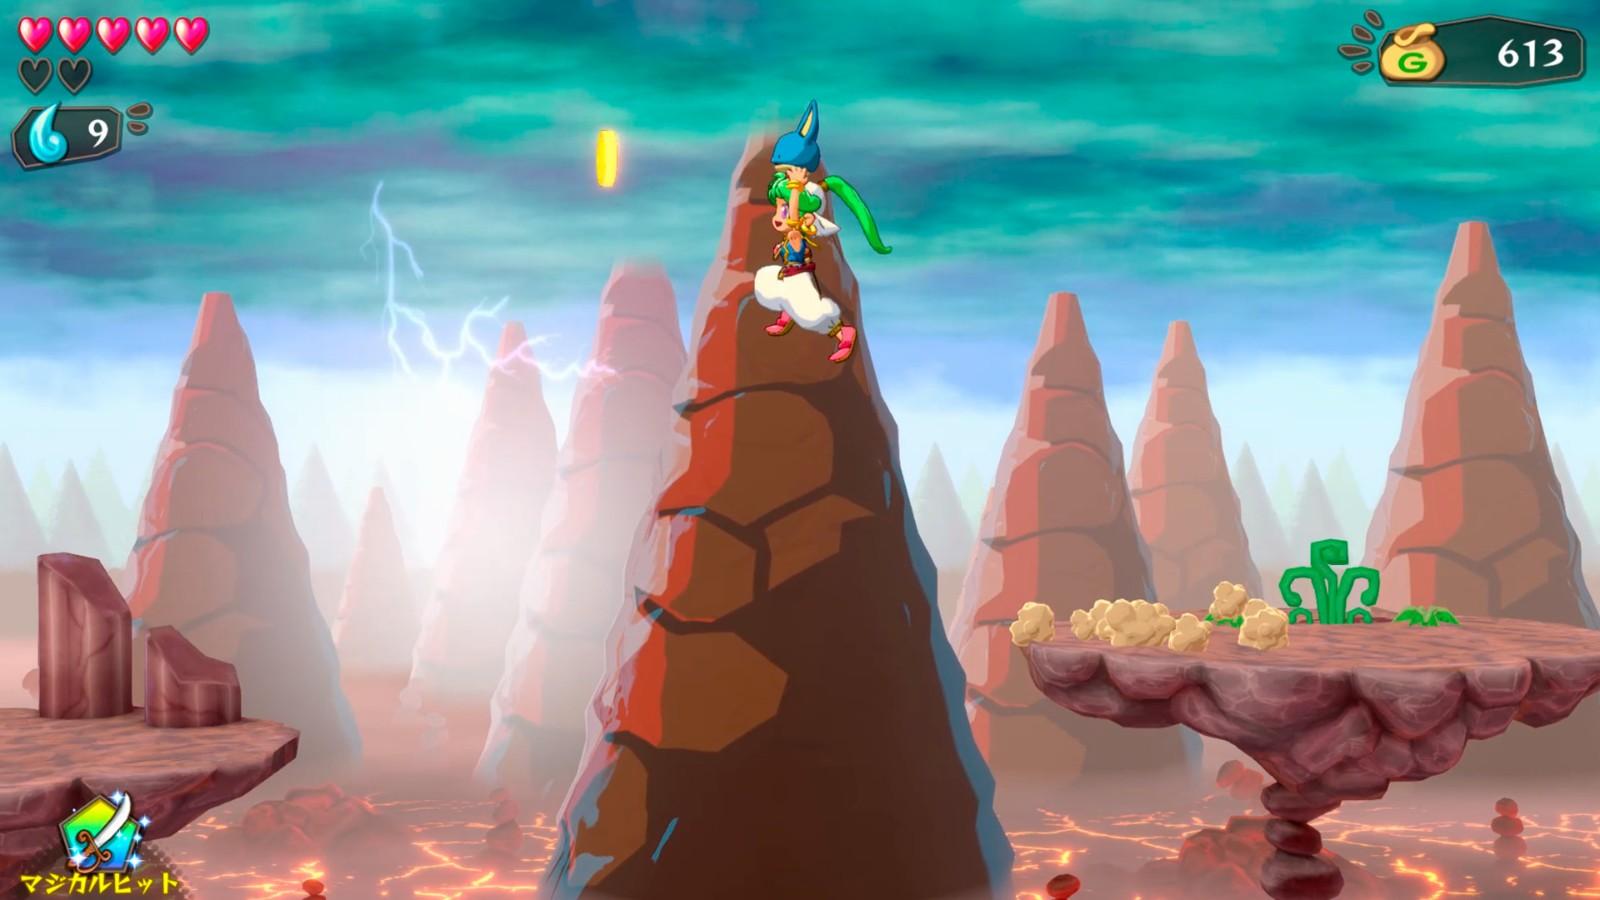 《神奇小子:爱莎在怪物世界》6月29日登陆PC 横版卡通风